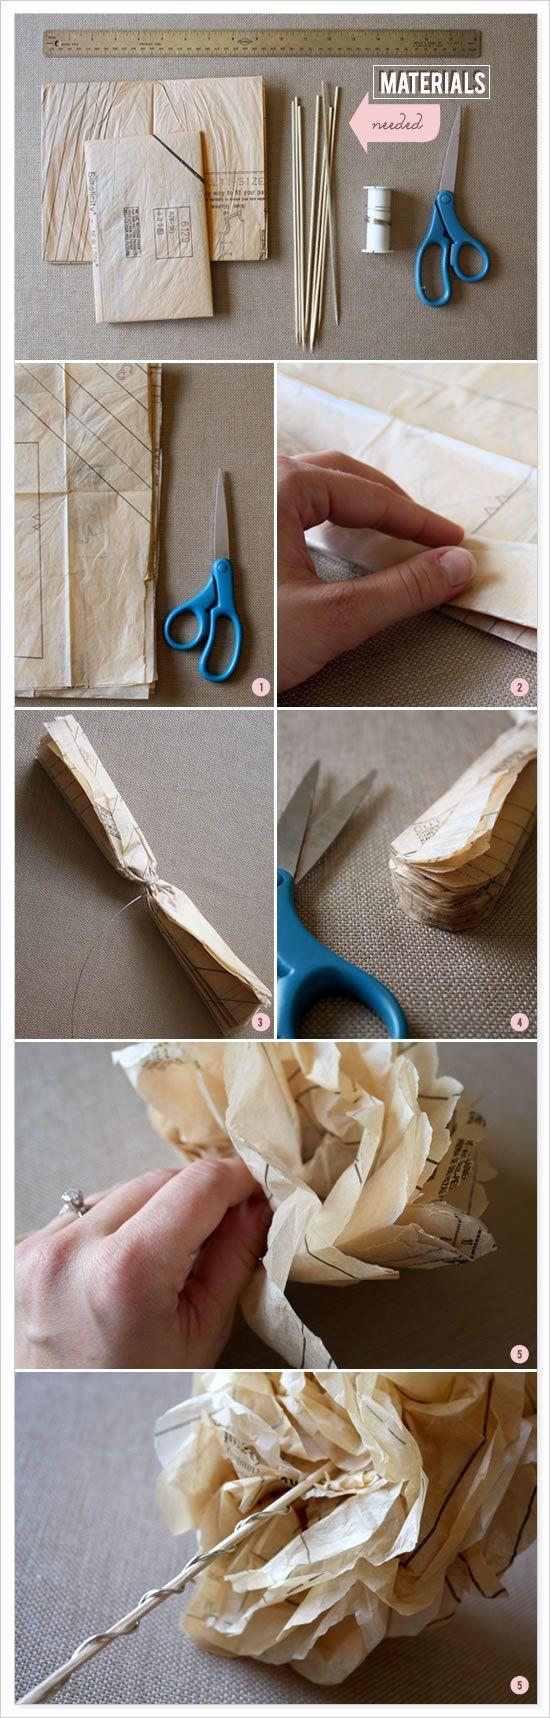 http://www.weddingchicks.com/2012/06/29/diy-paper-flowers/